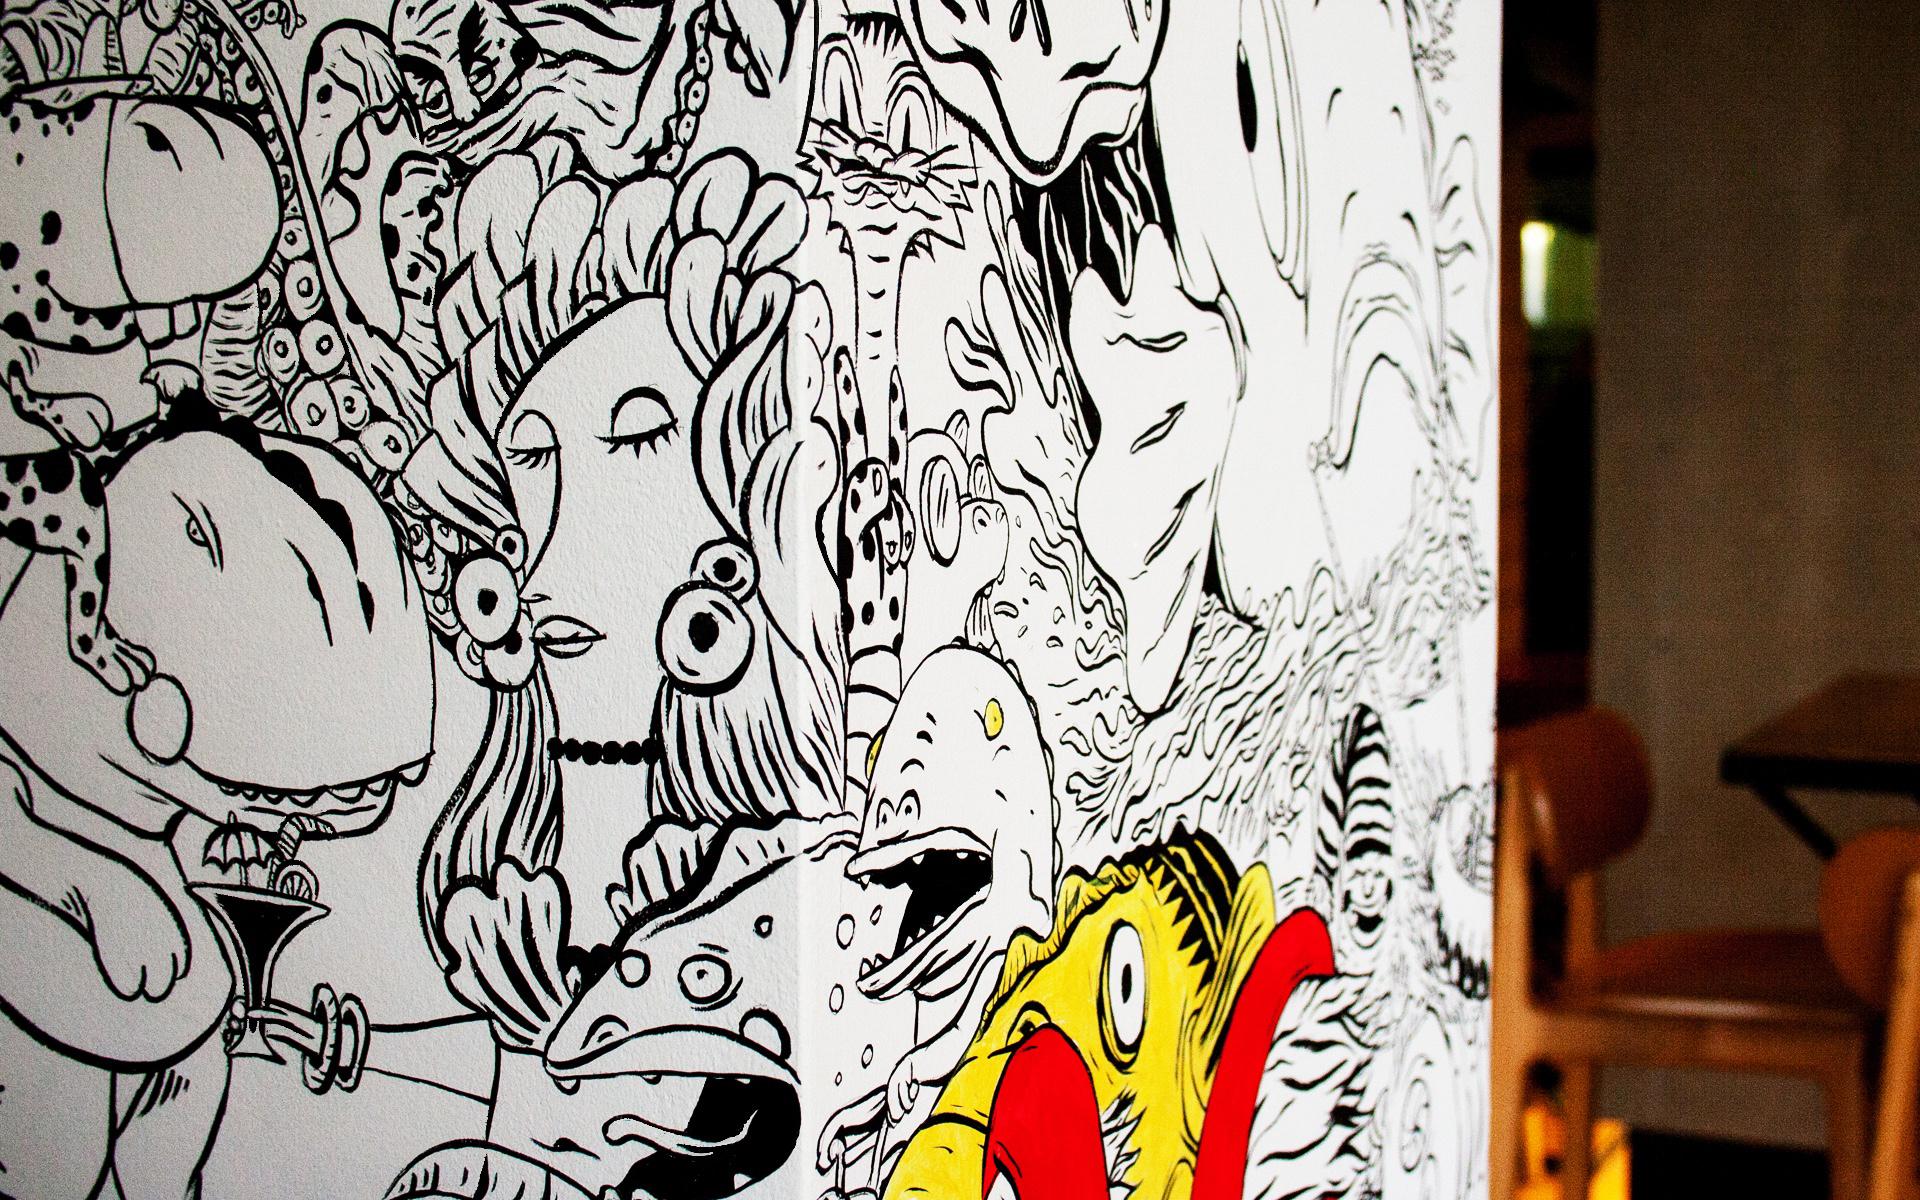 Color in Mural at Pelican Restaurant